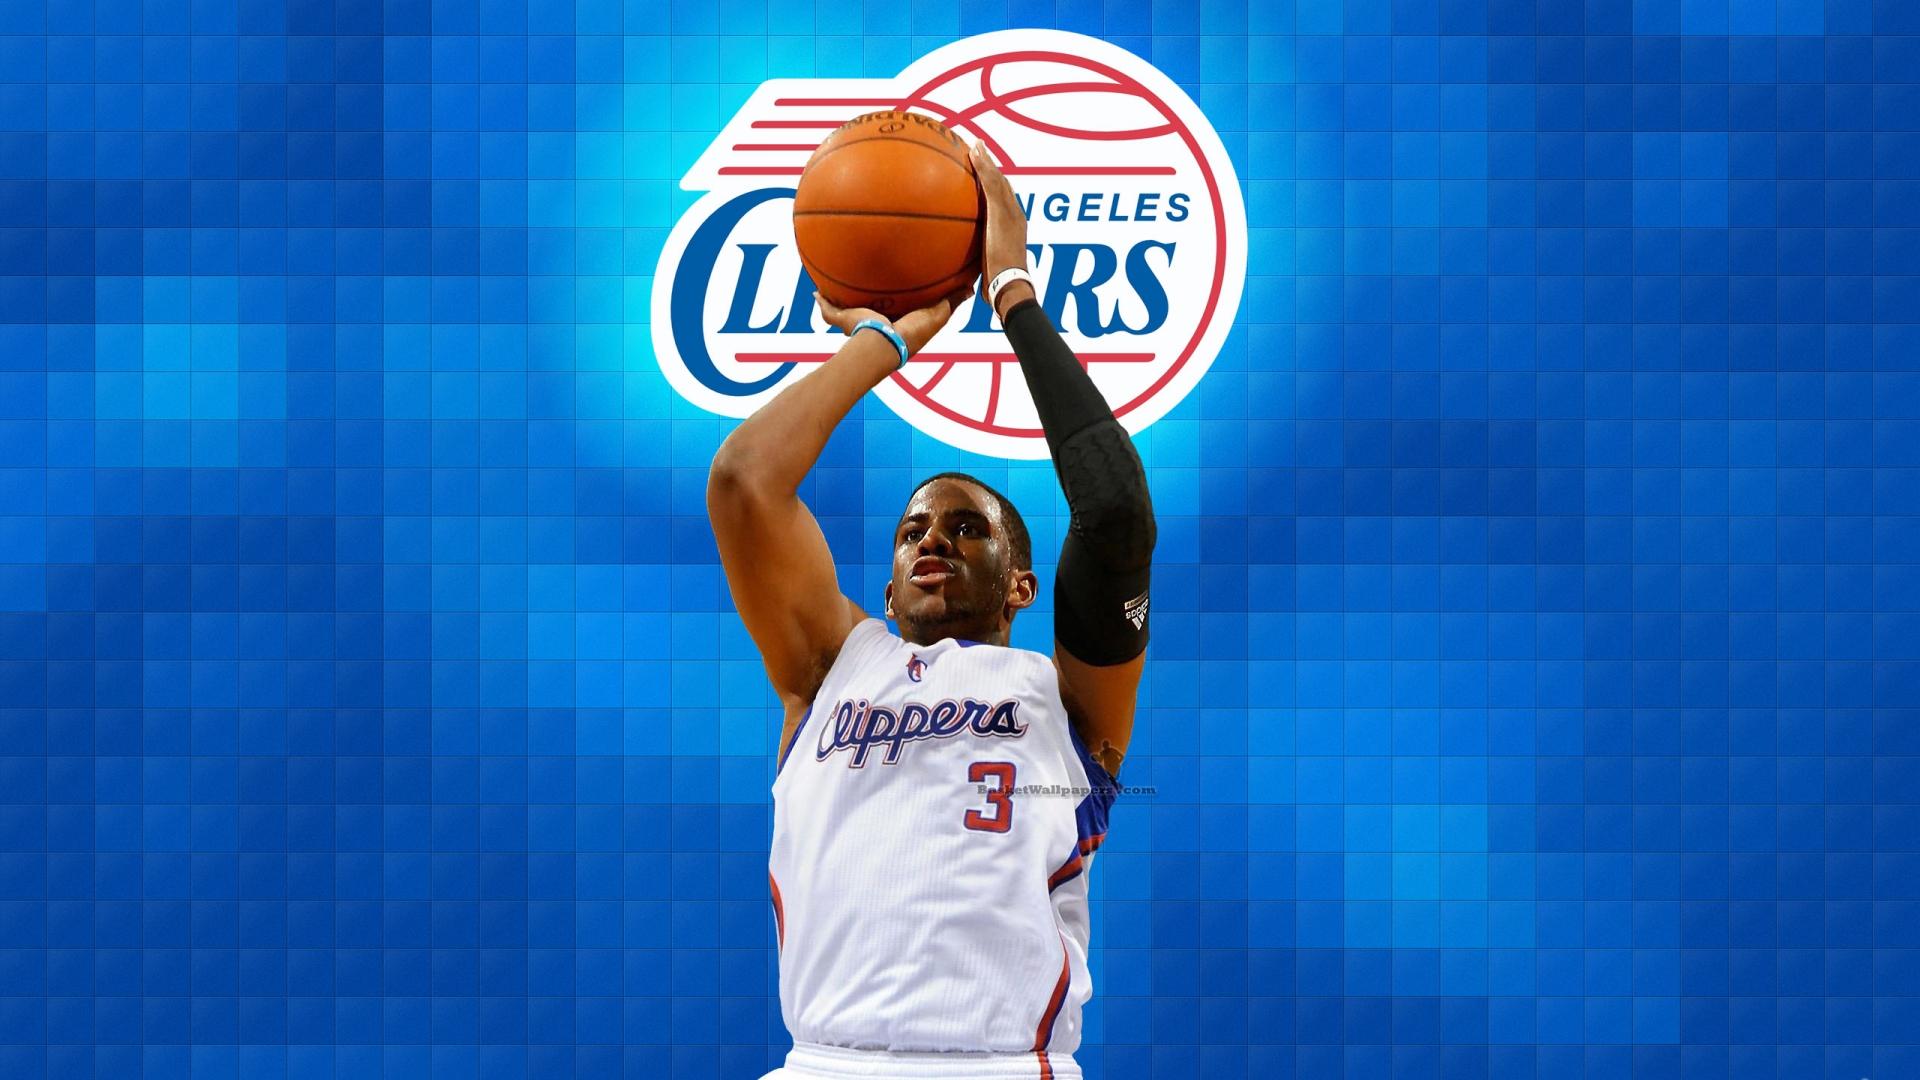 Chris Paul LA Clippers 2012 NBA Wallpaper